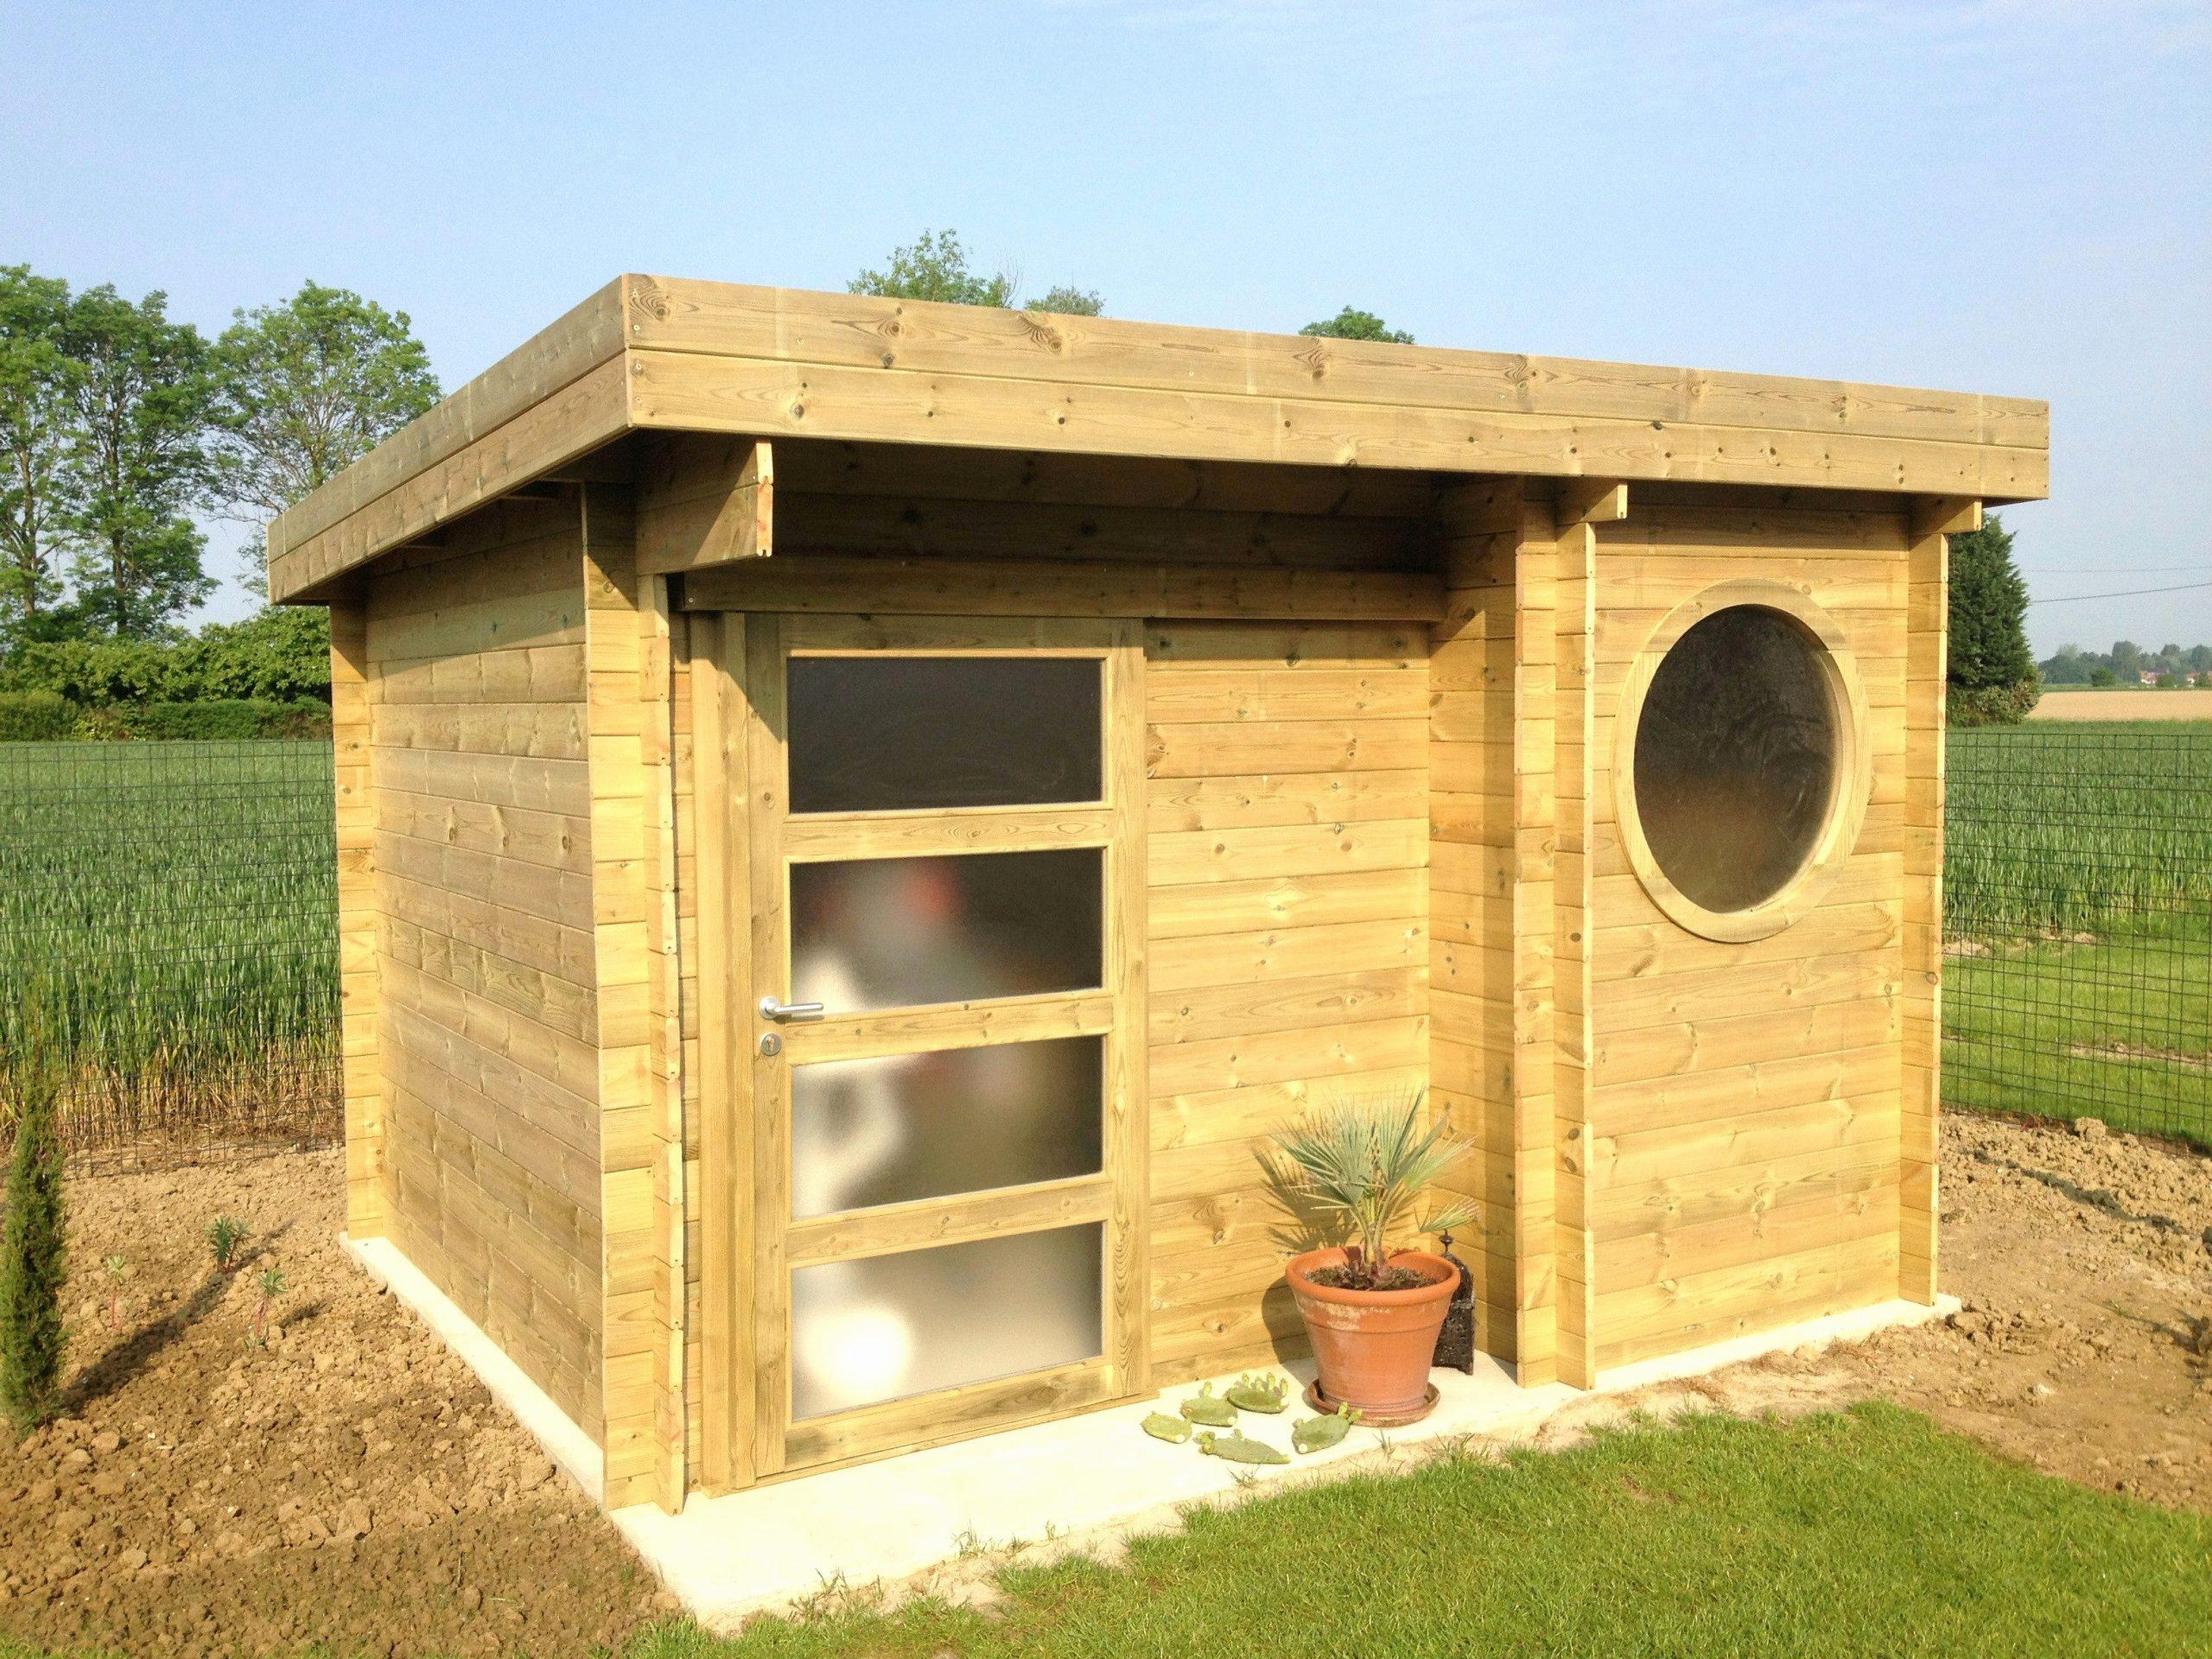 Meilleur De Abri De Jardin Toit Plat 10M2 - Luckytroll pour Abris De Jardin Pas Cher Belgique